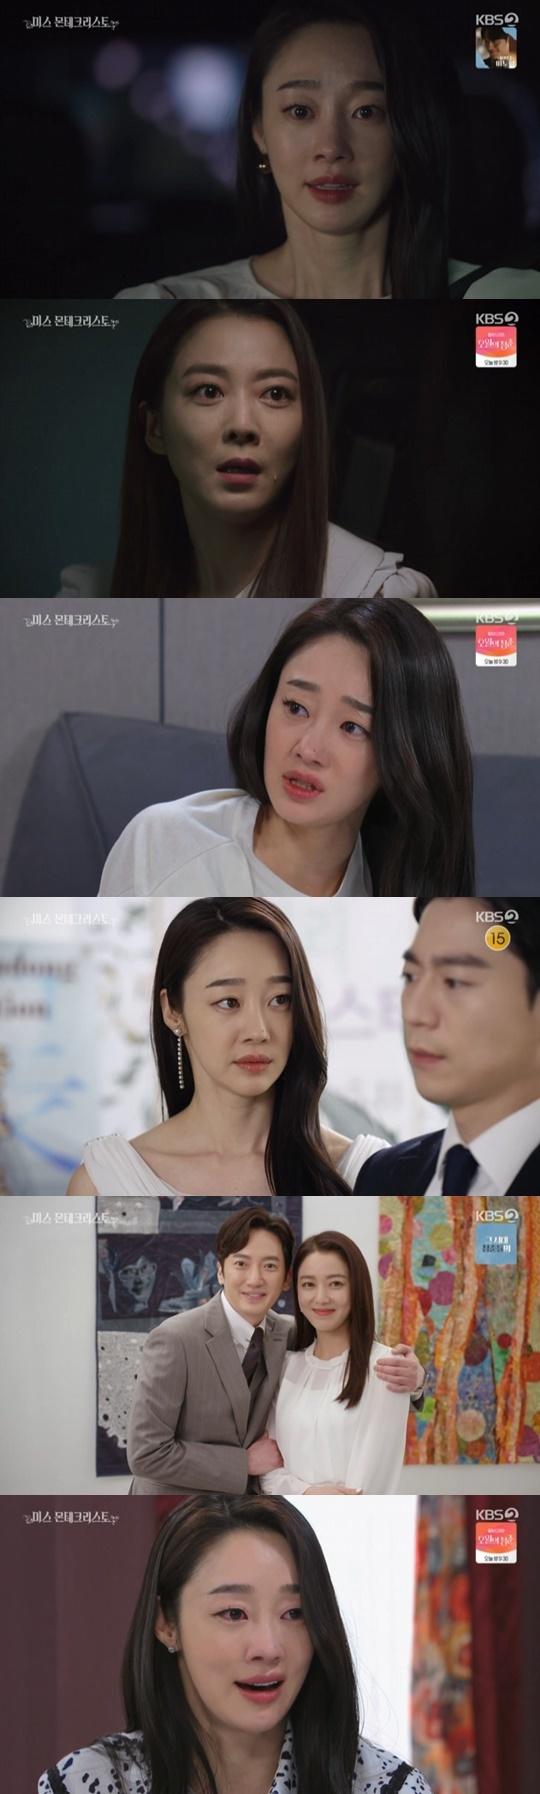 KBS 2TV '미스 몬테크리스토' © 뉴스1